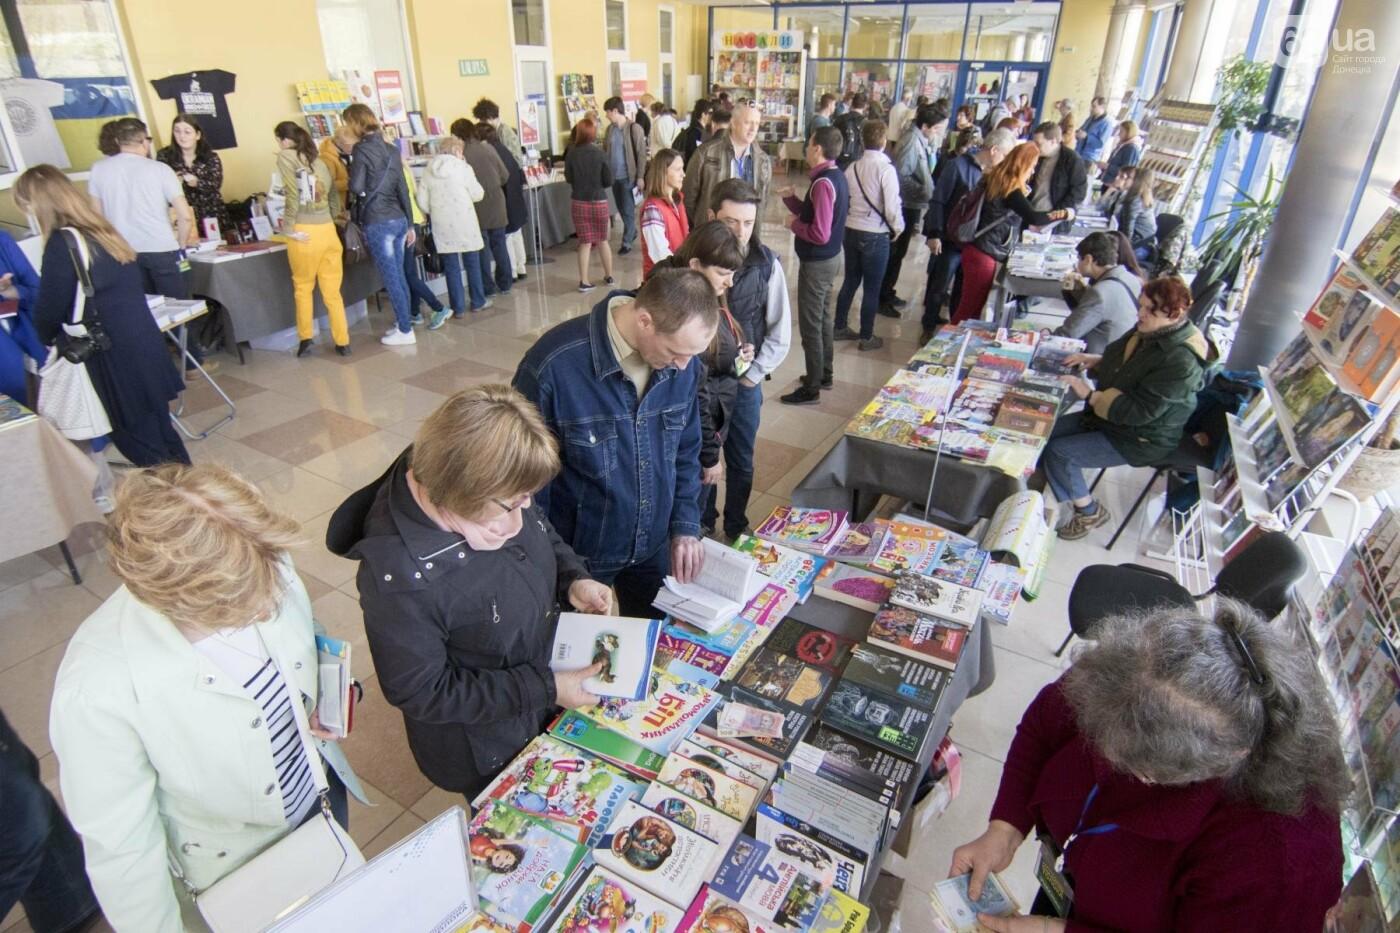 Толклась толока. Фоторепортаж с первого международного книжного фестиваля в Мариуполе (ФОТО+ВИДЕО), фото-5